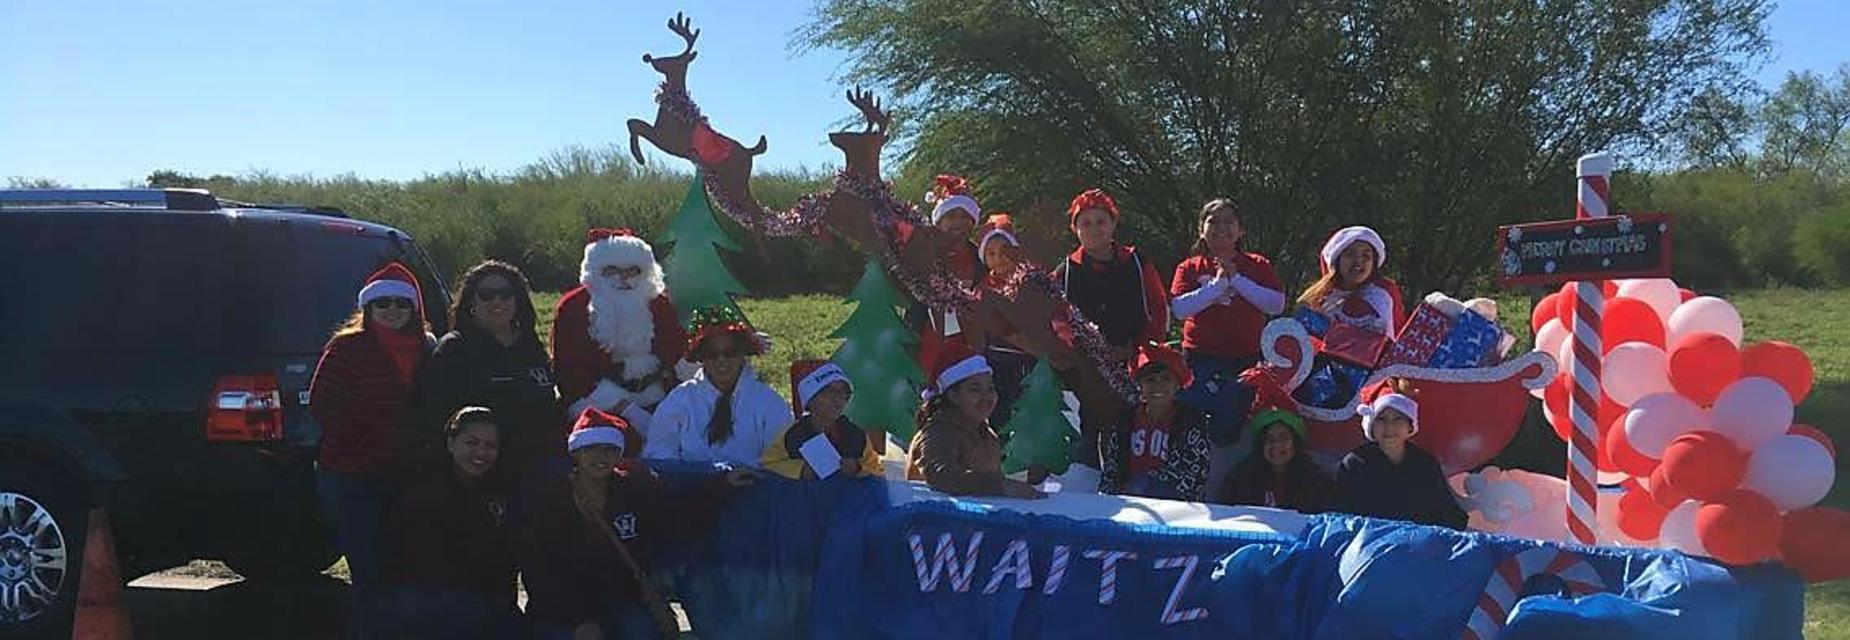 Waitz float for Alton Christmas Parade